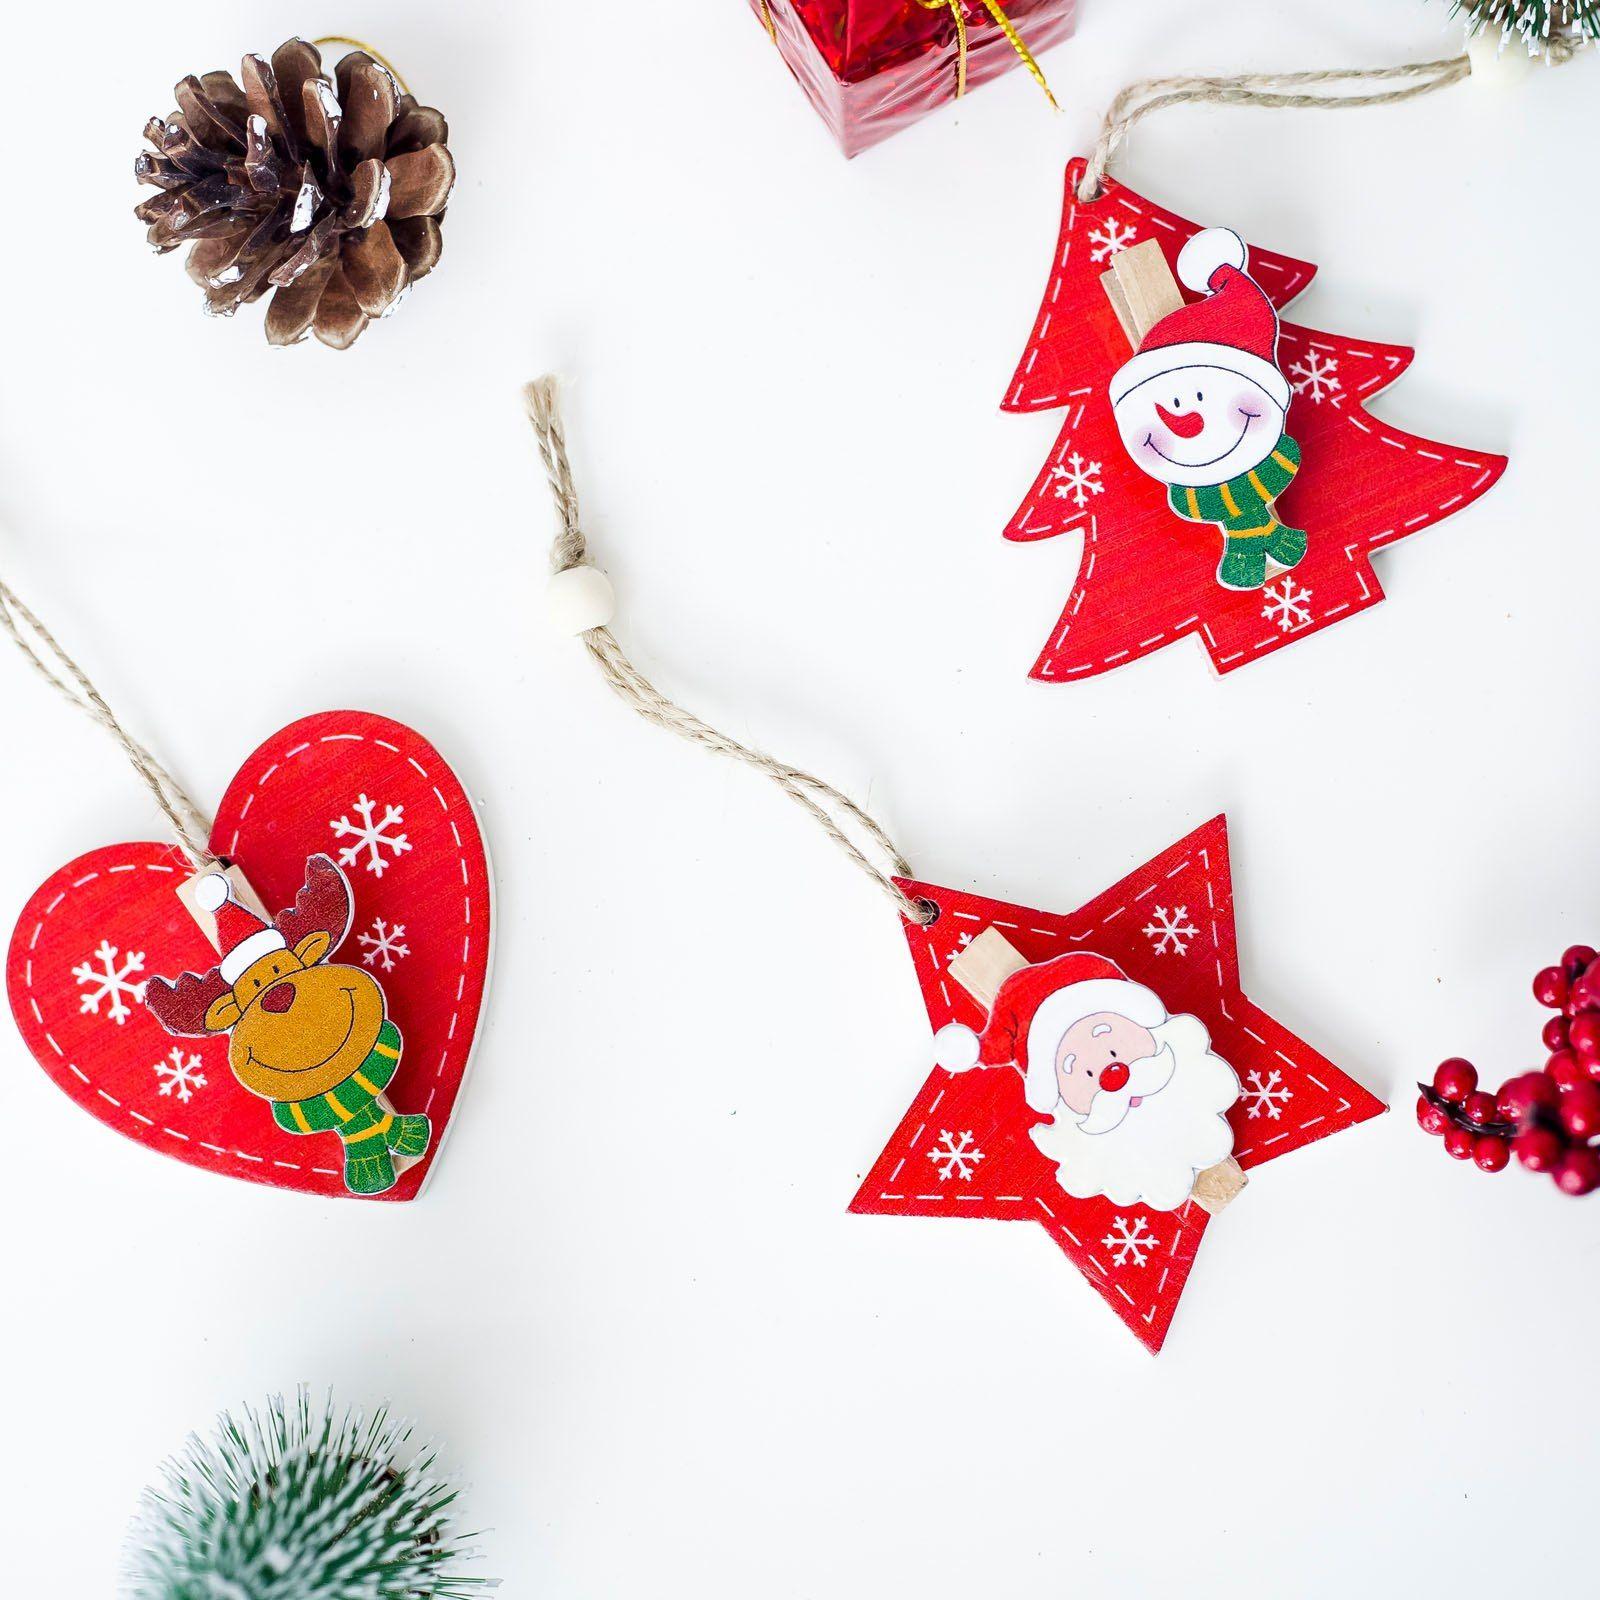 Frohe Weihnachten Anhänger.Günstige 2019 Neue Jahr Holz Weihnachten Baum Ornamente Anhänger